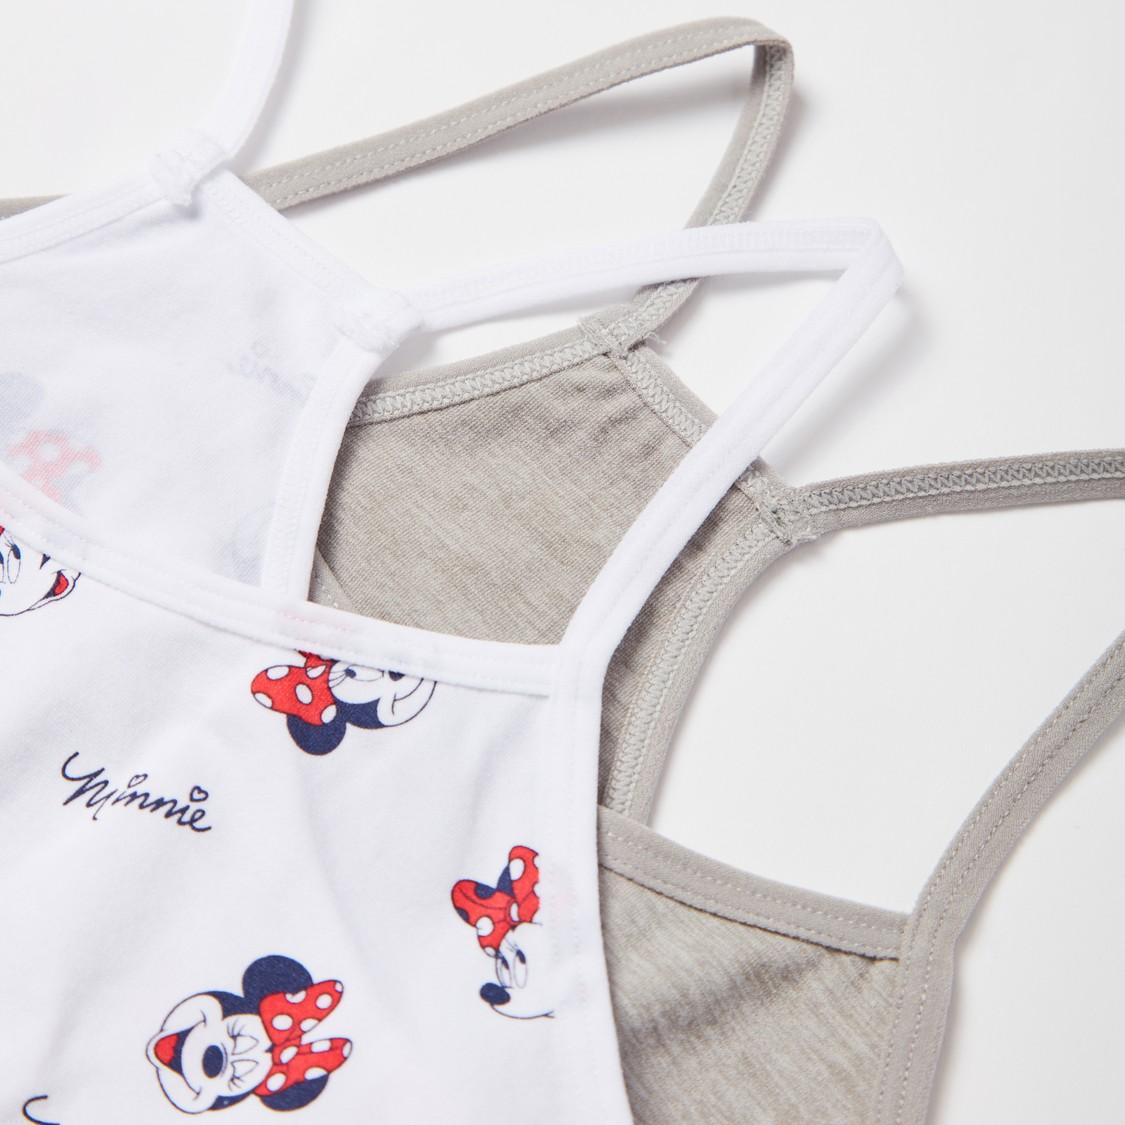 صدريّة متداخلة بظهر ريسر وطبعات ميني ماوس - طقم من قطعتين